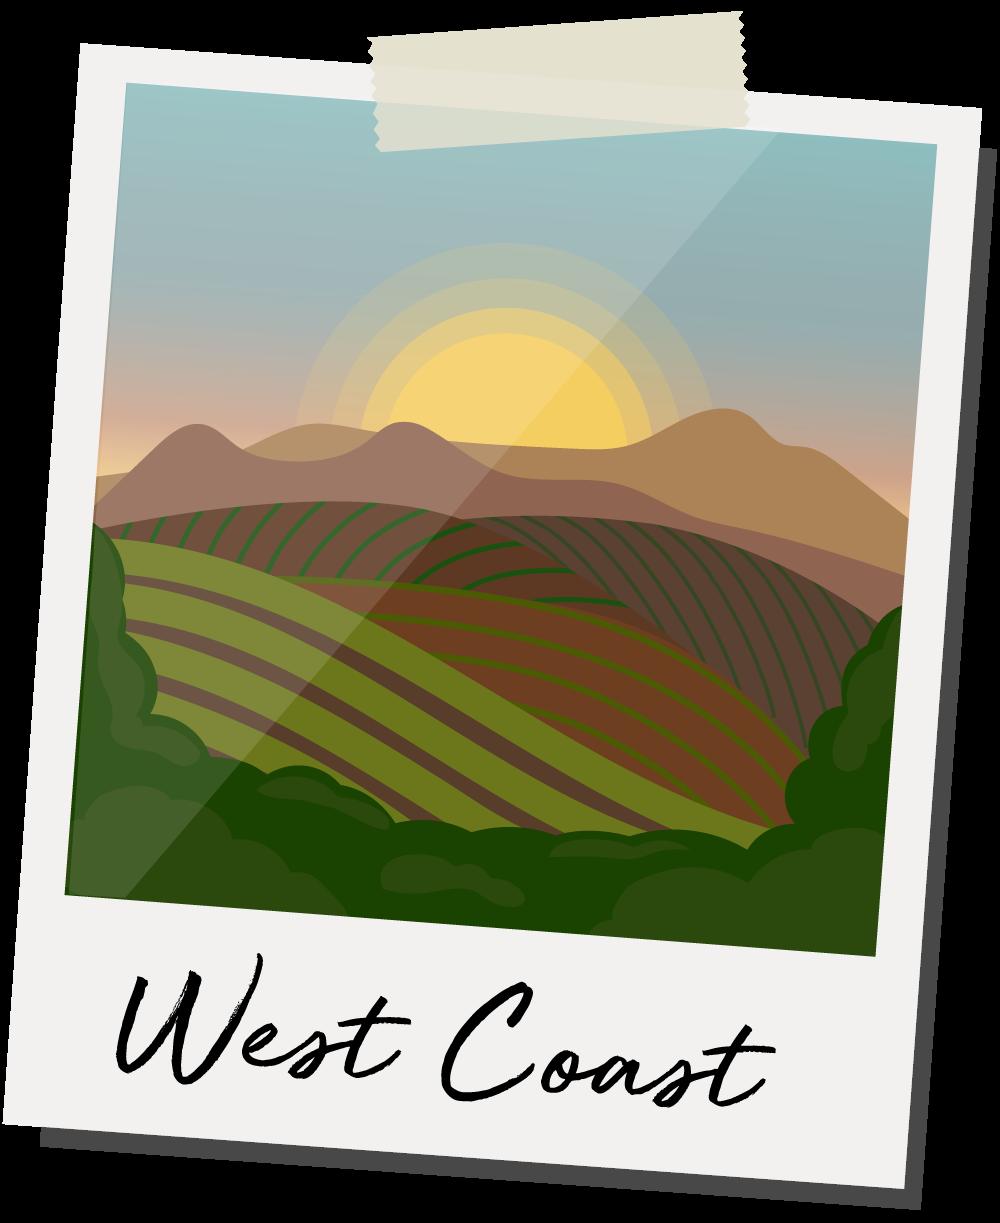 West Coast illustration of vineyard with sunrise.